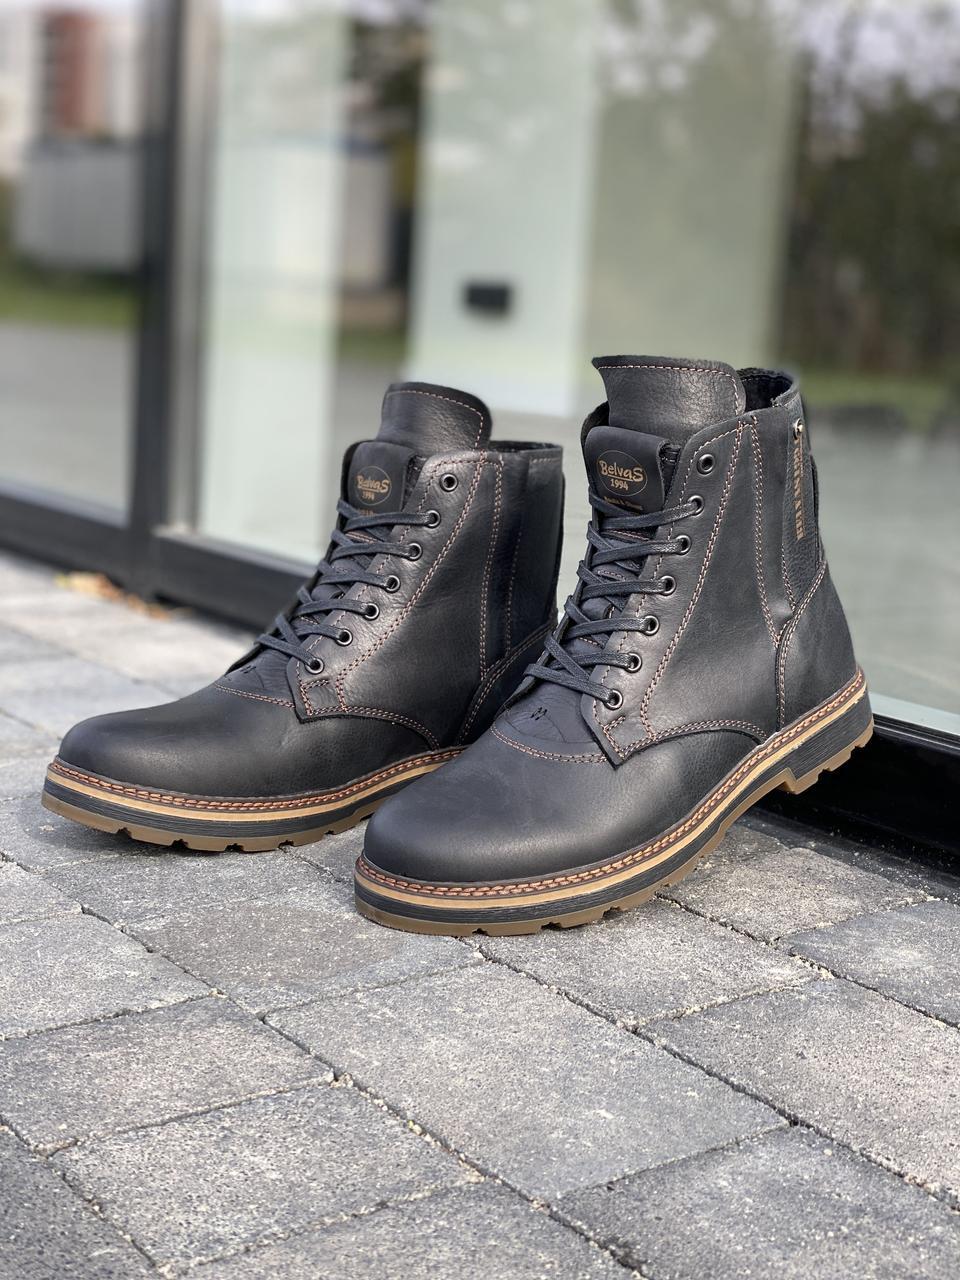 Чоловічі черевики шкіряні зимові чорні Belvas 5507